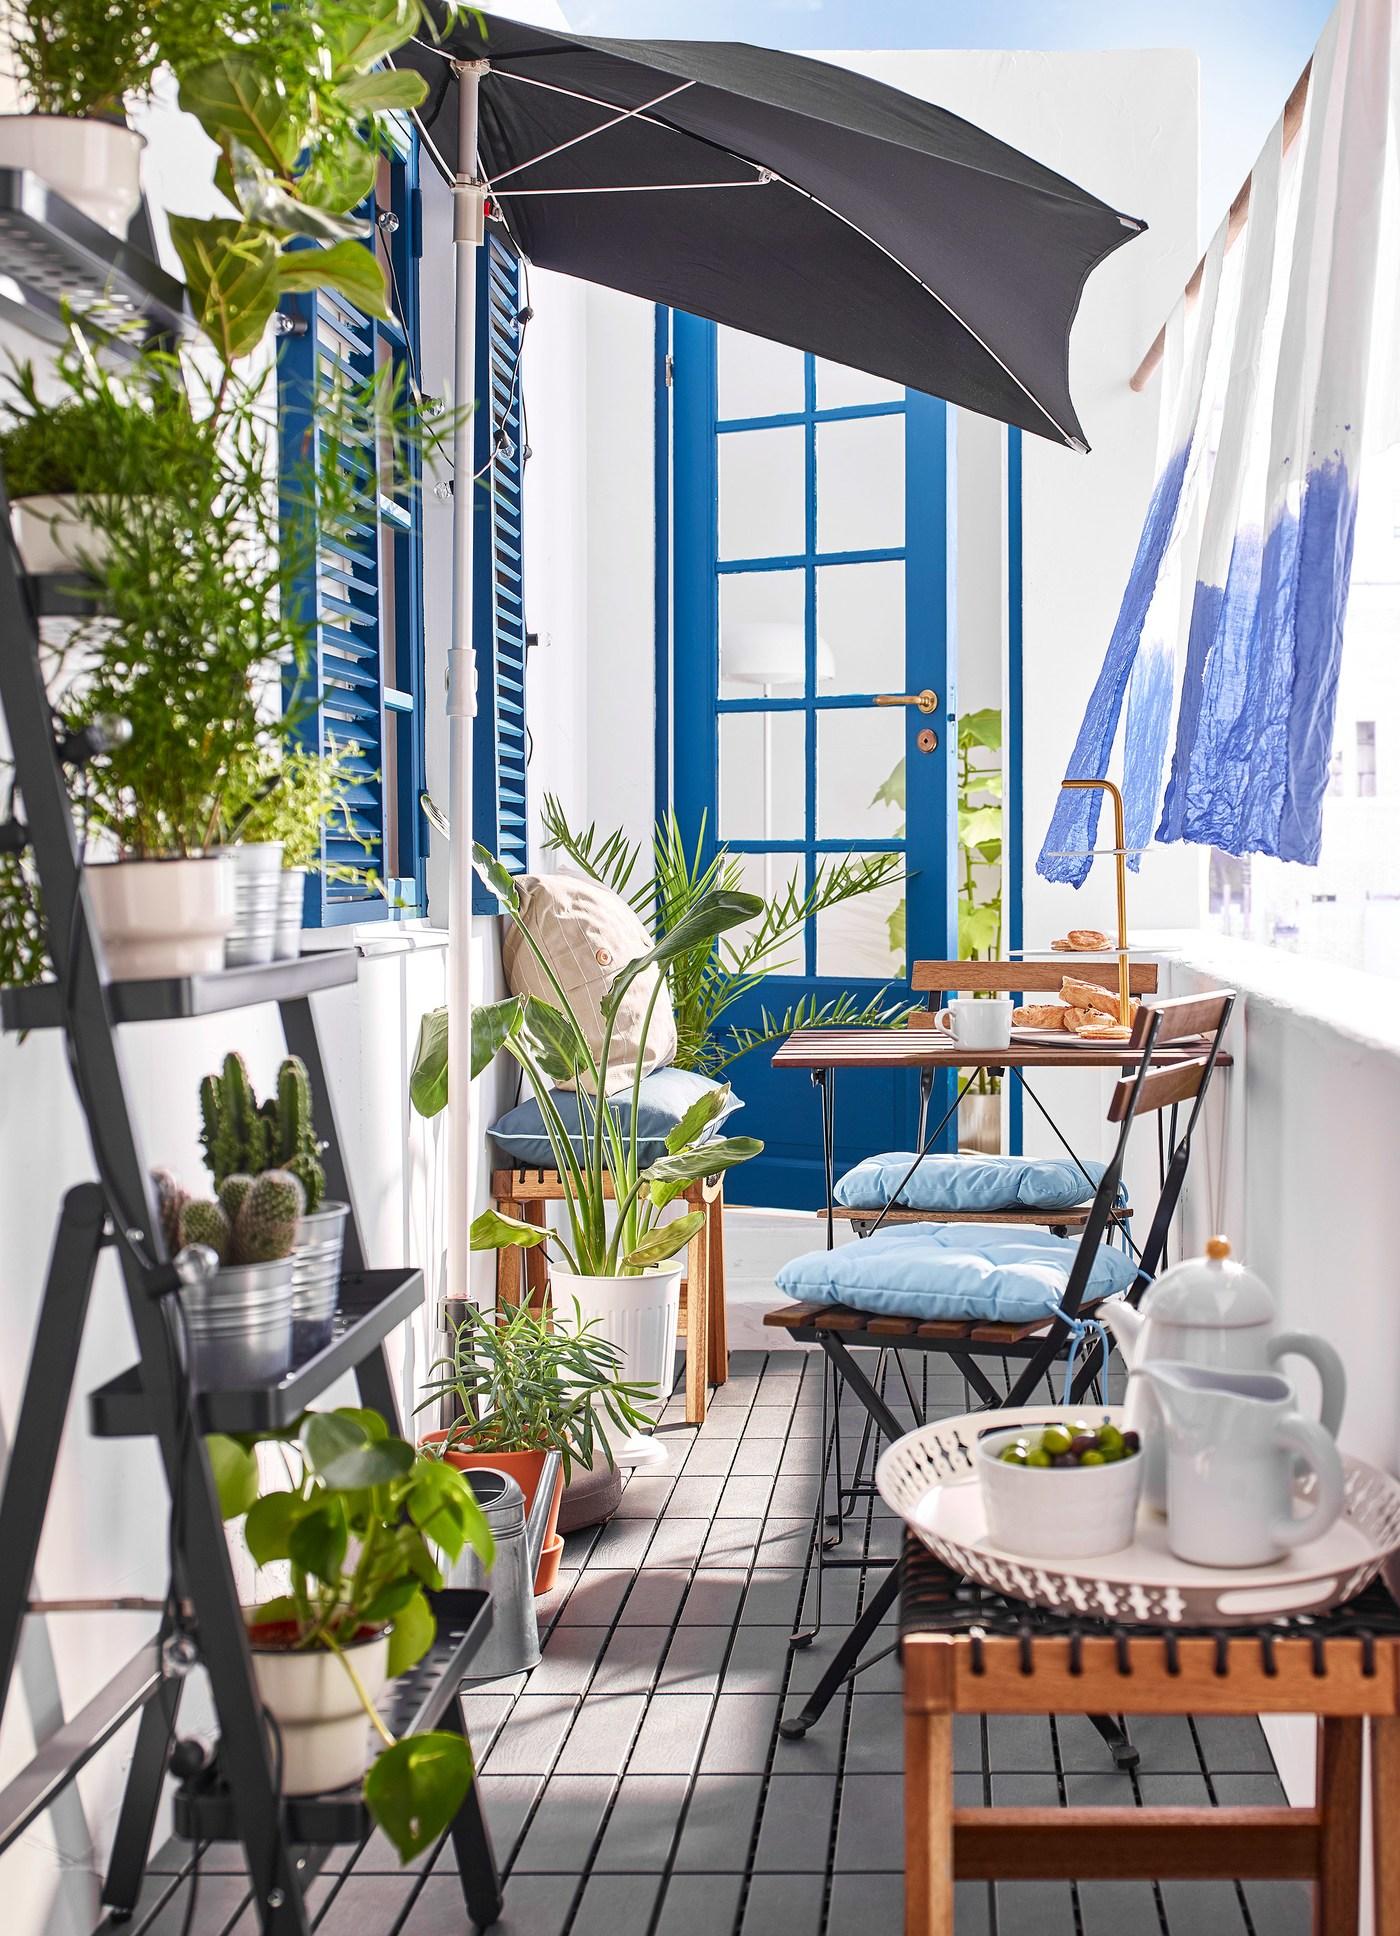 Arredare Il Balcone Ikea idee per arredare il tuo spazio all'aperto - ikea